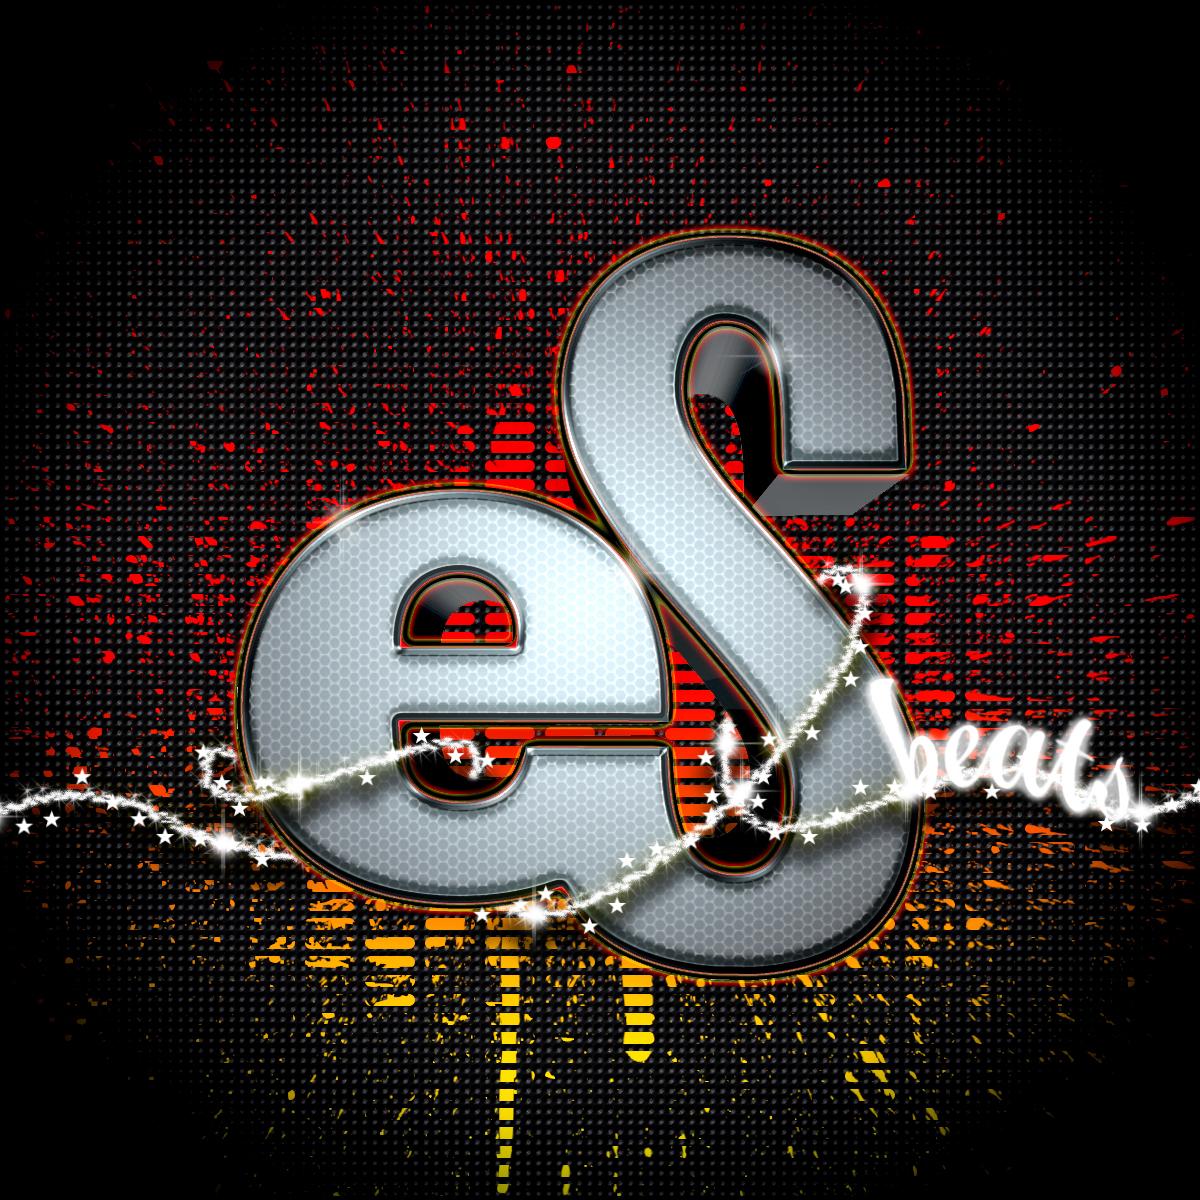 ES BEATS // 1